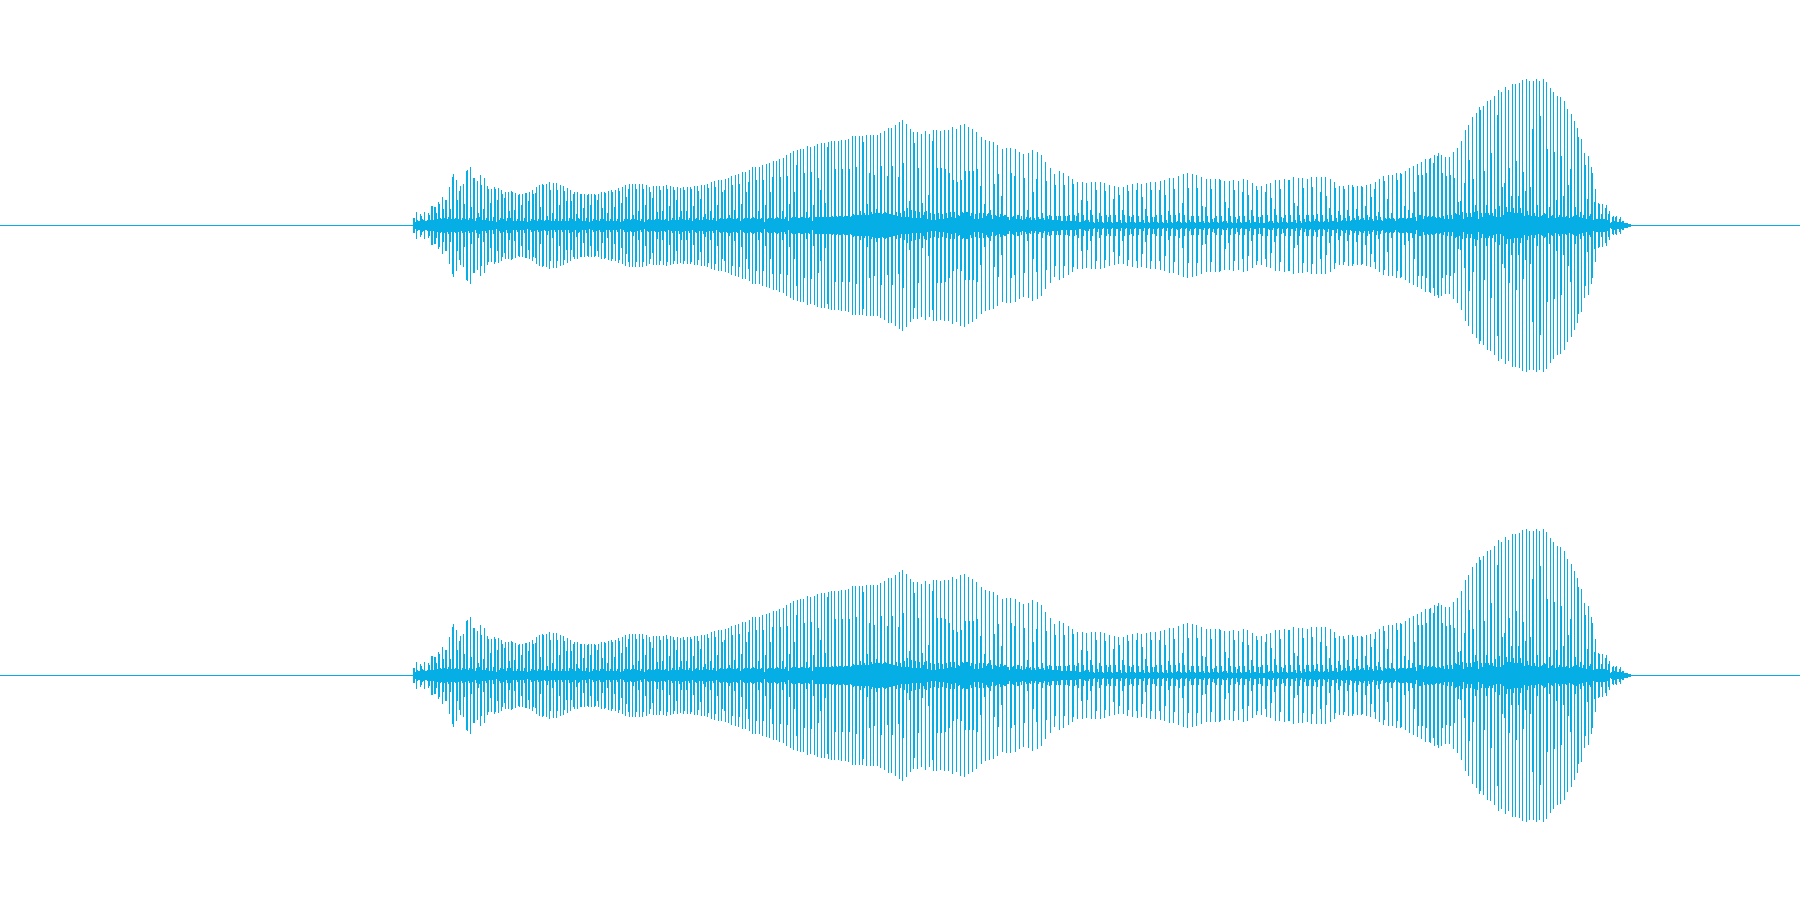 トロンボーンあるあるフレーズBPM180の再生済みの波形